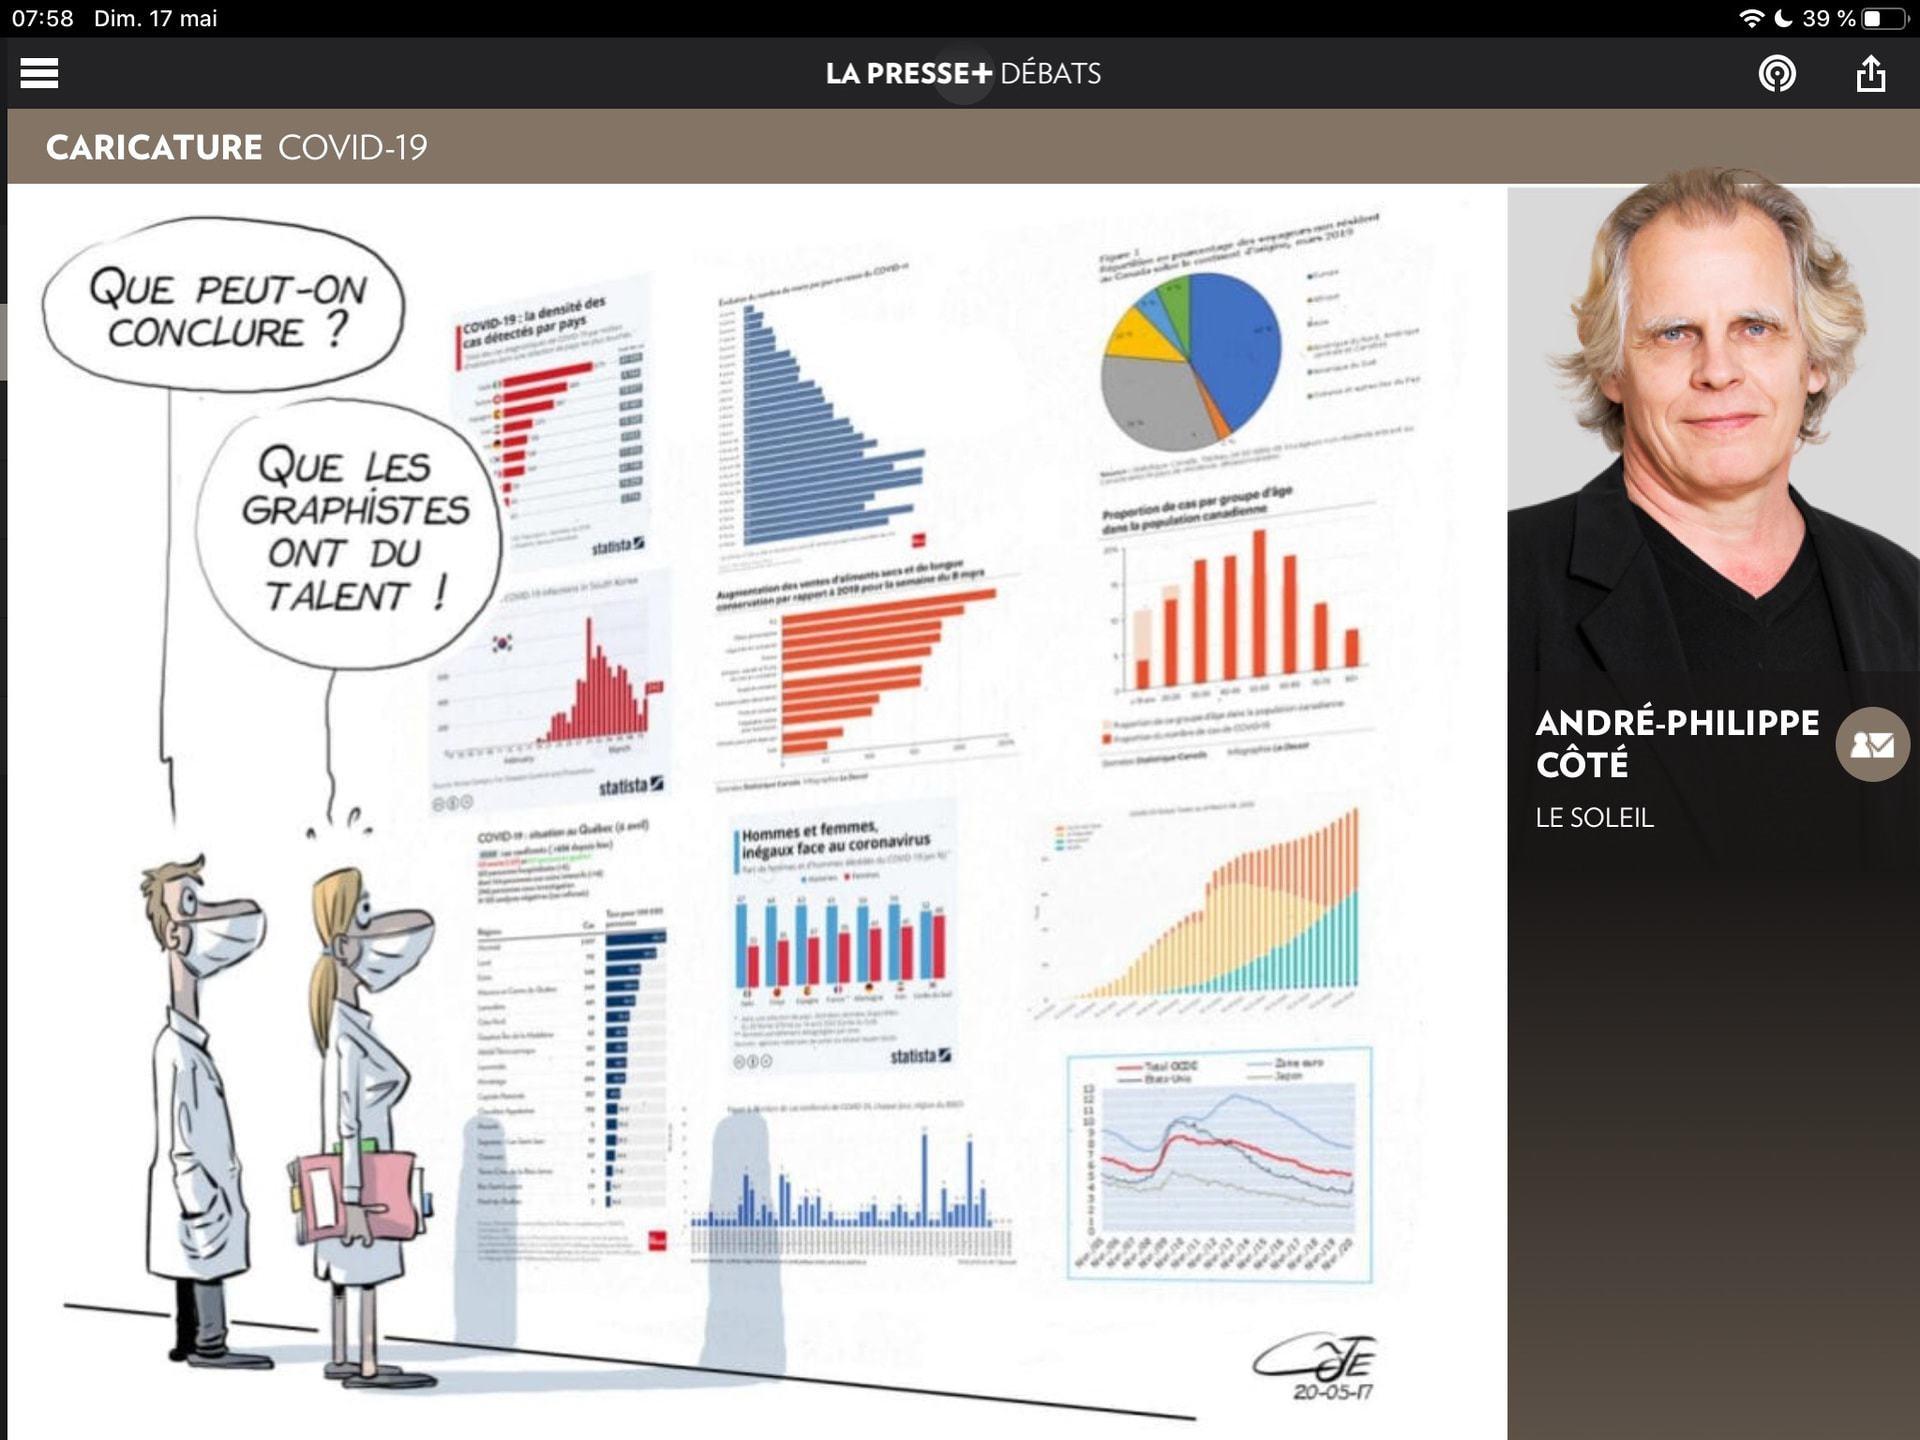 Graphiques La Presse